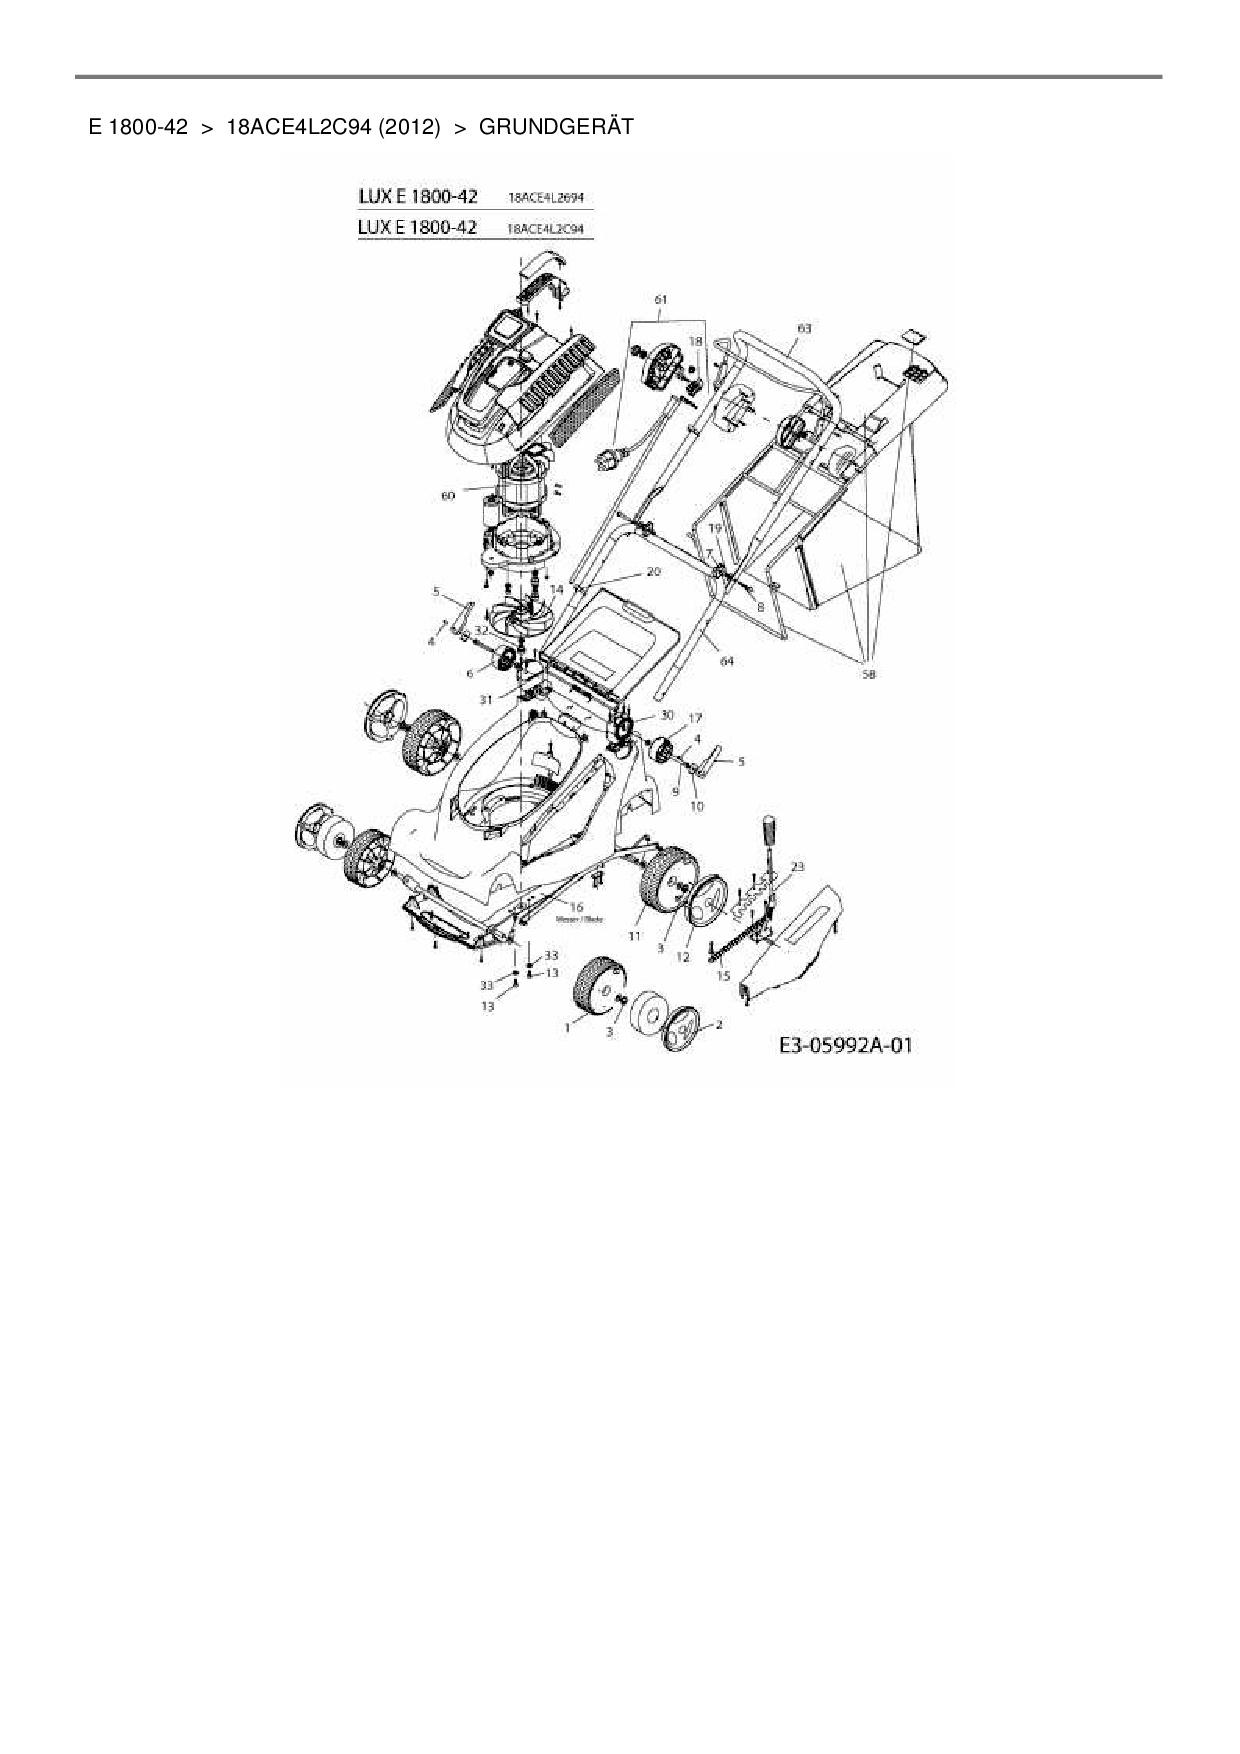 ersatzteile von lux tools elektrom her e 1800 42 aus der zeichnung gr. Black Bedroom Furniture Sets. Home Design Ideas